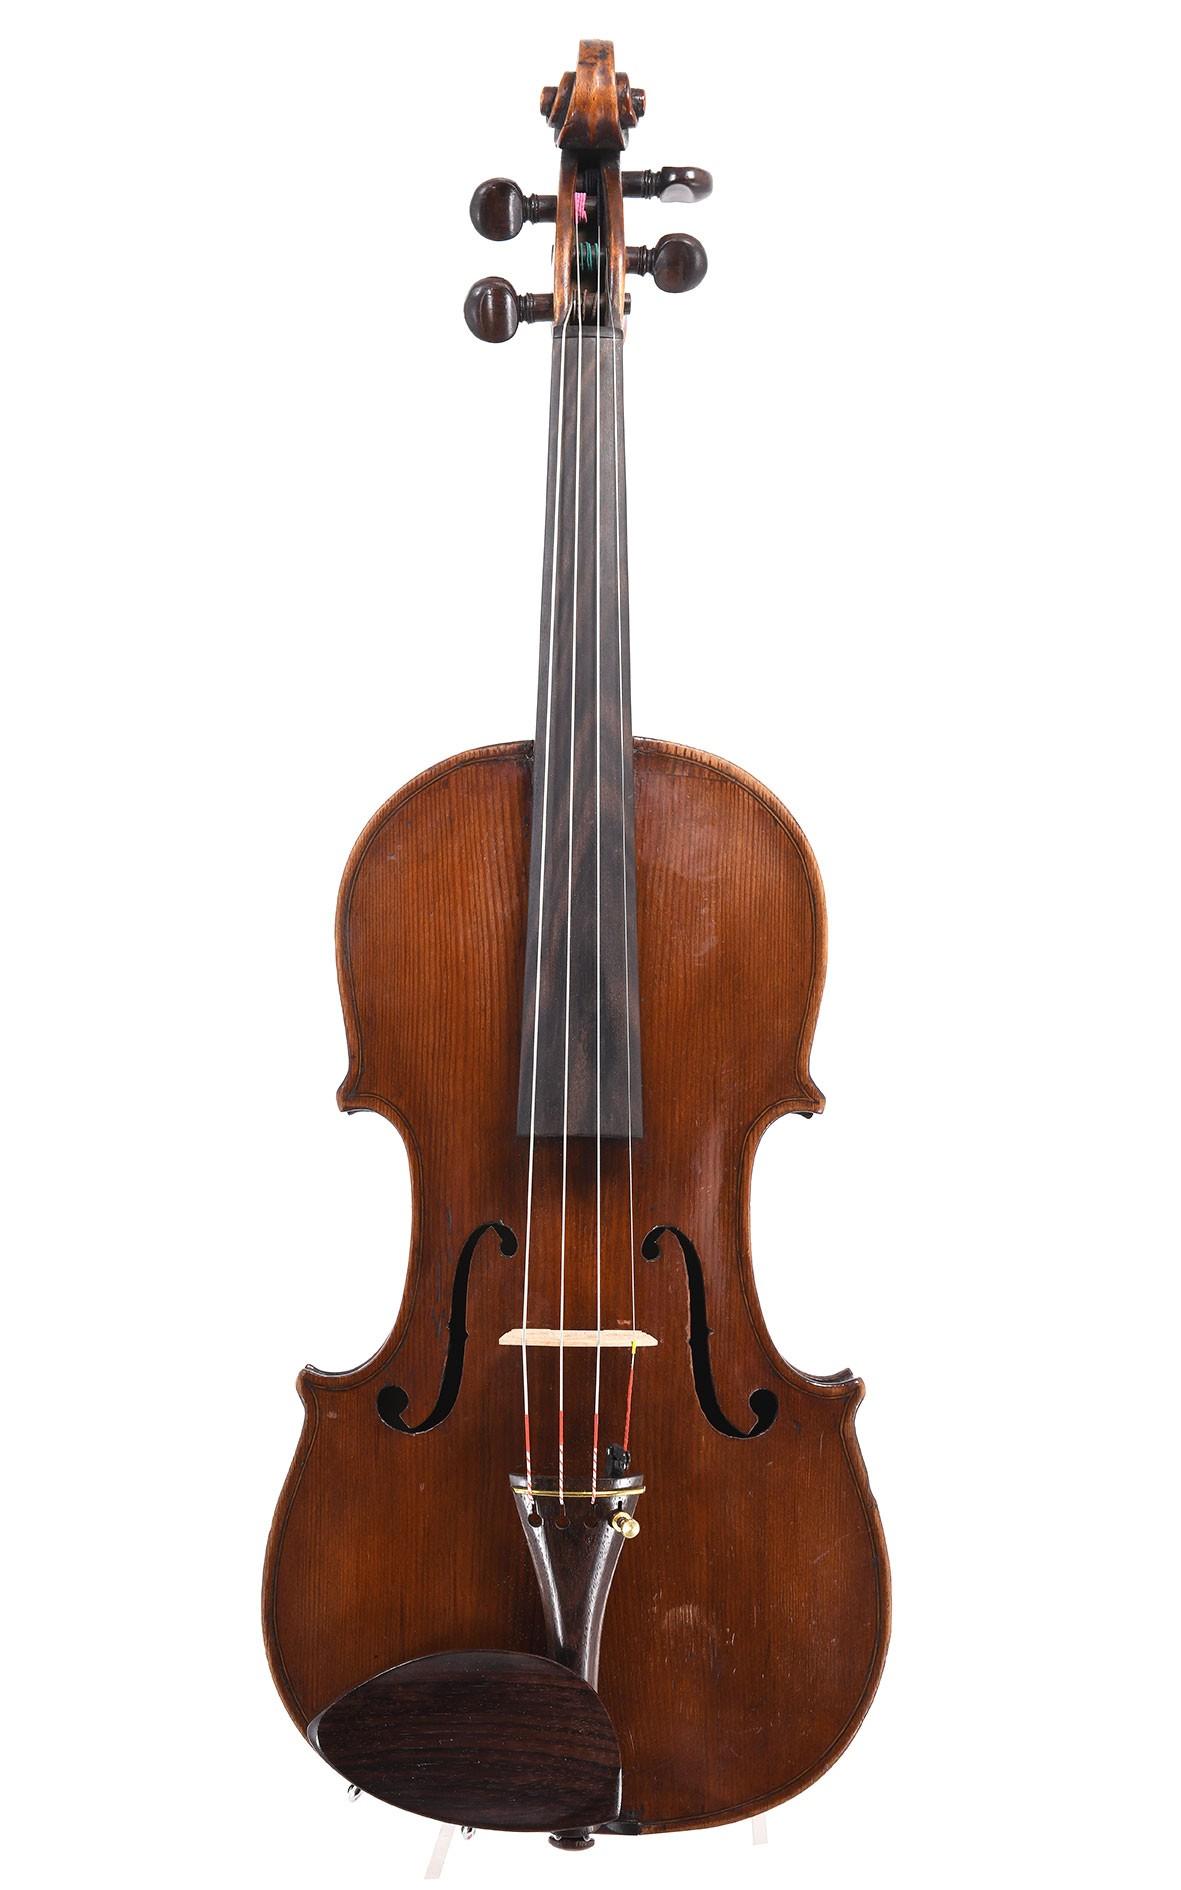 Englische Geige, 19. Jahrhundert